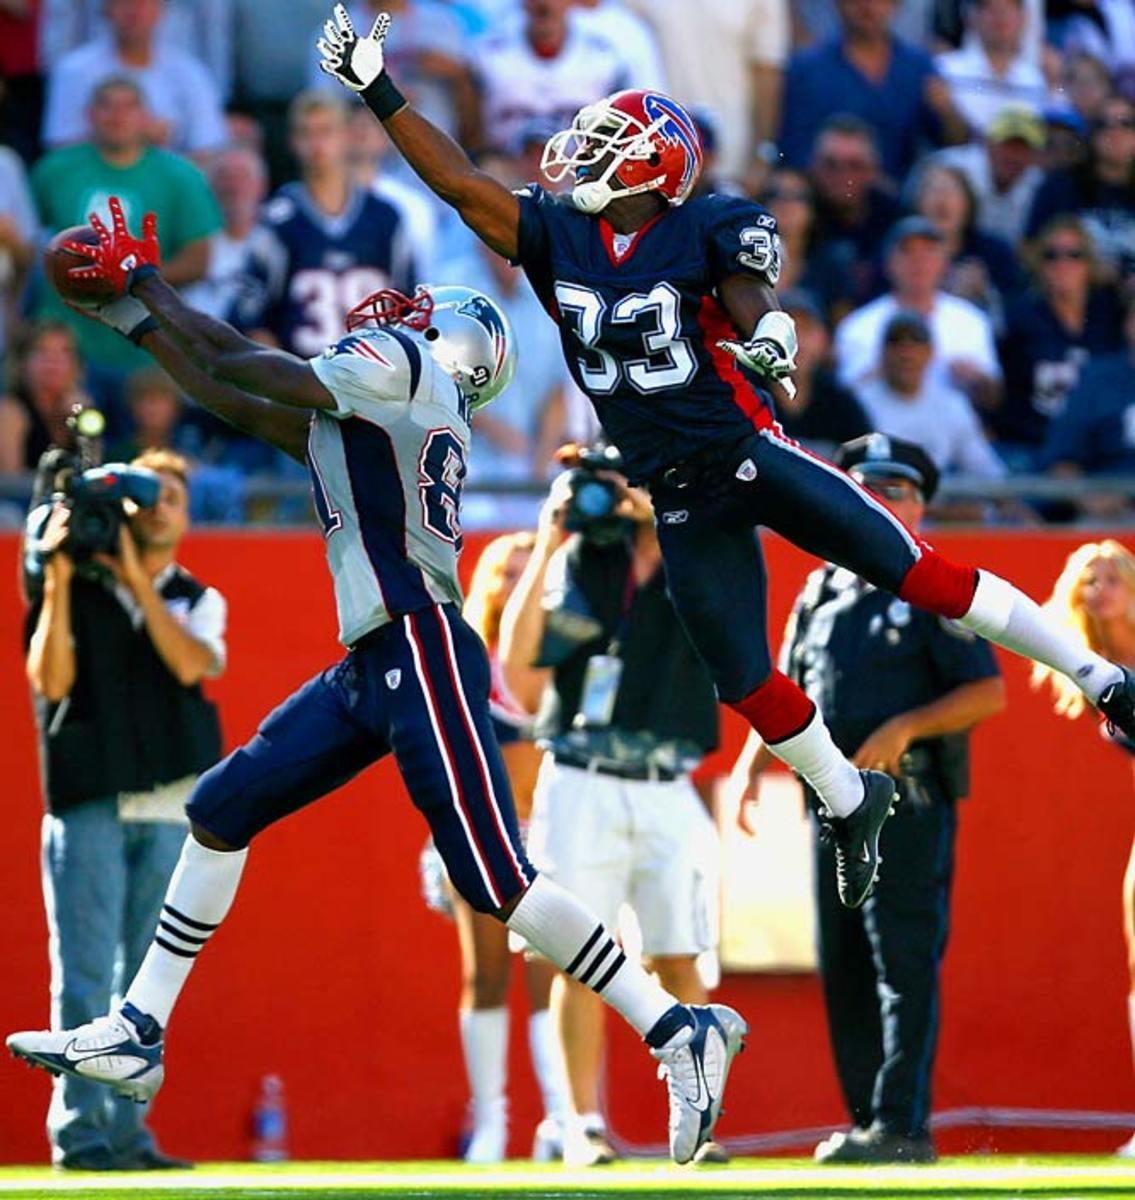 Patriots 38, Bills 7